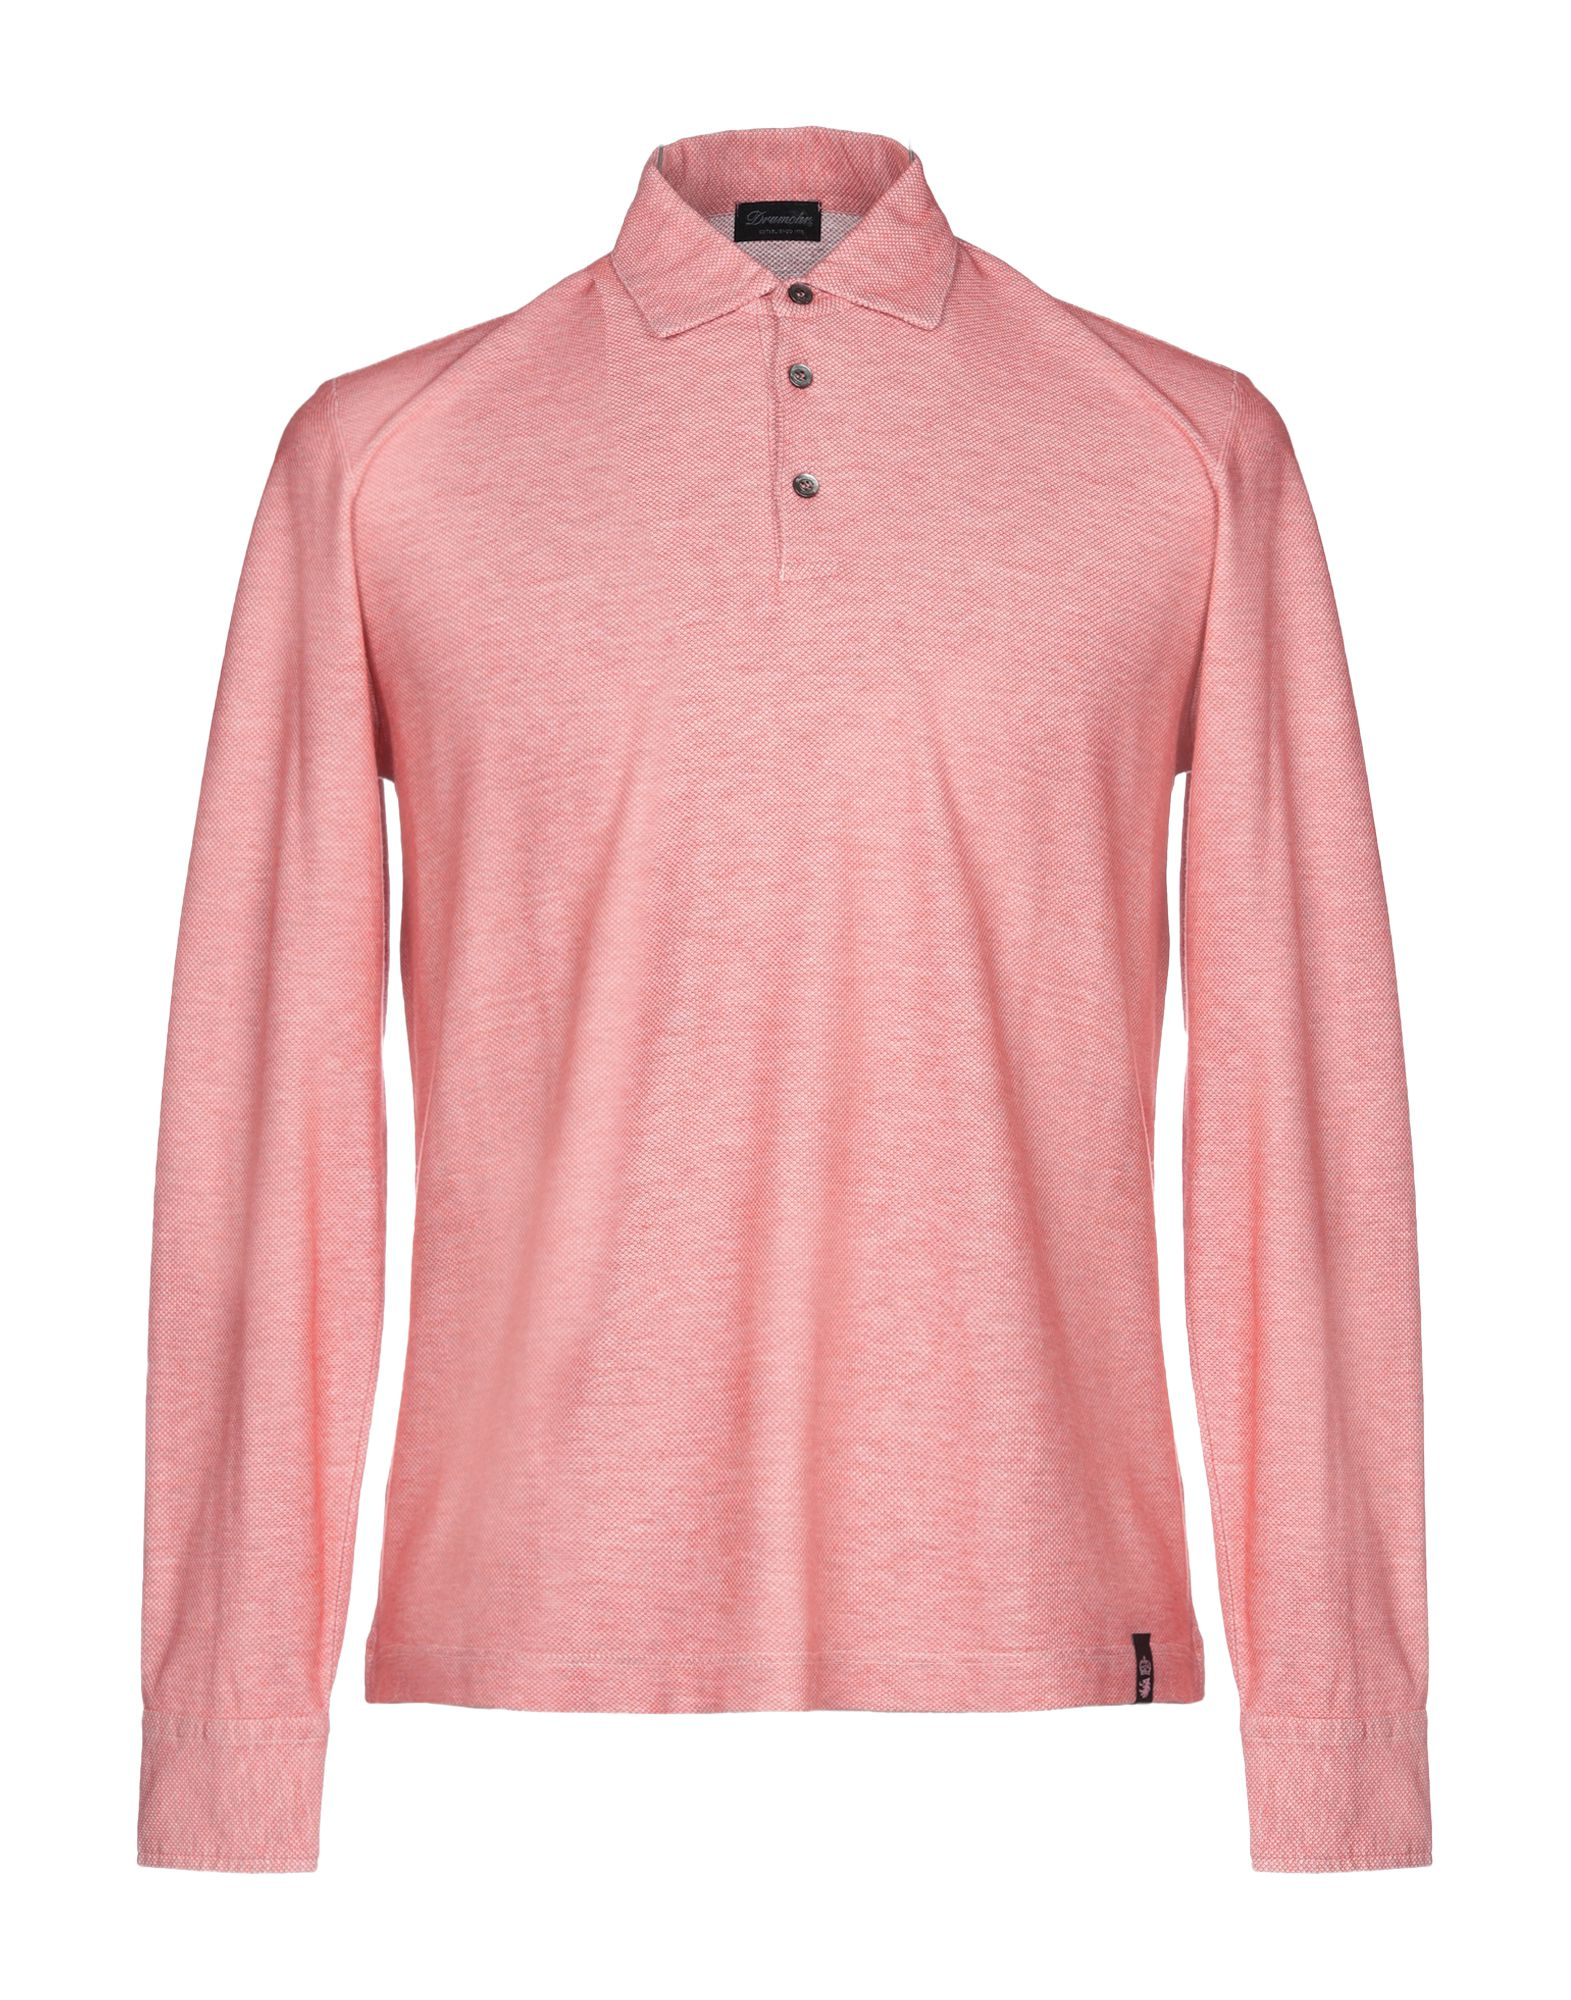 《送料無料》DRUMOHR メンズ ポロシャツ レッド S コットン 100%